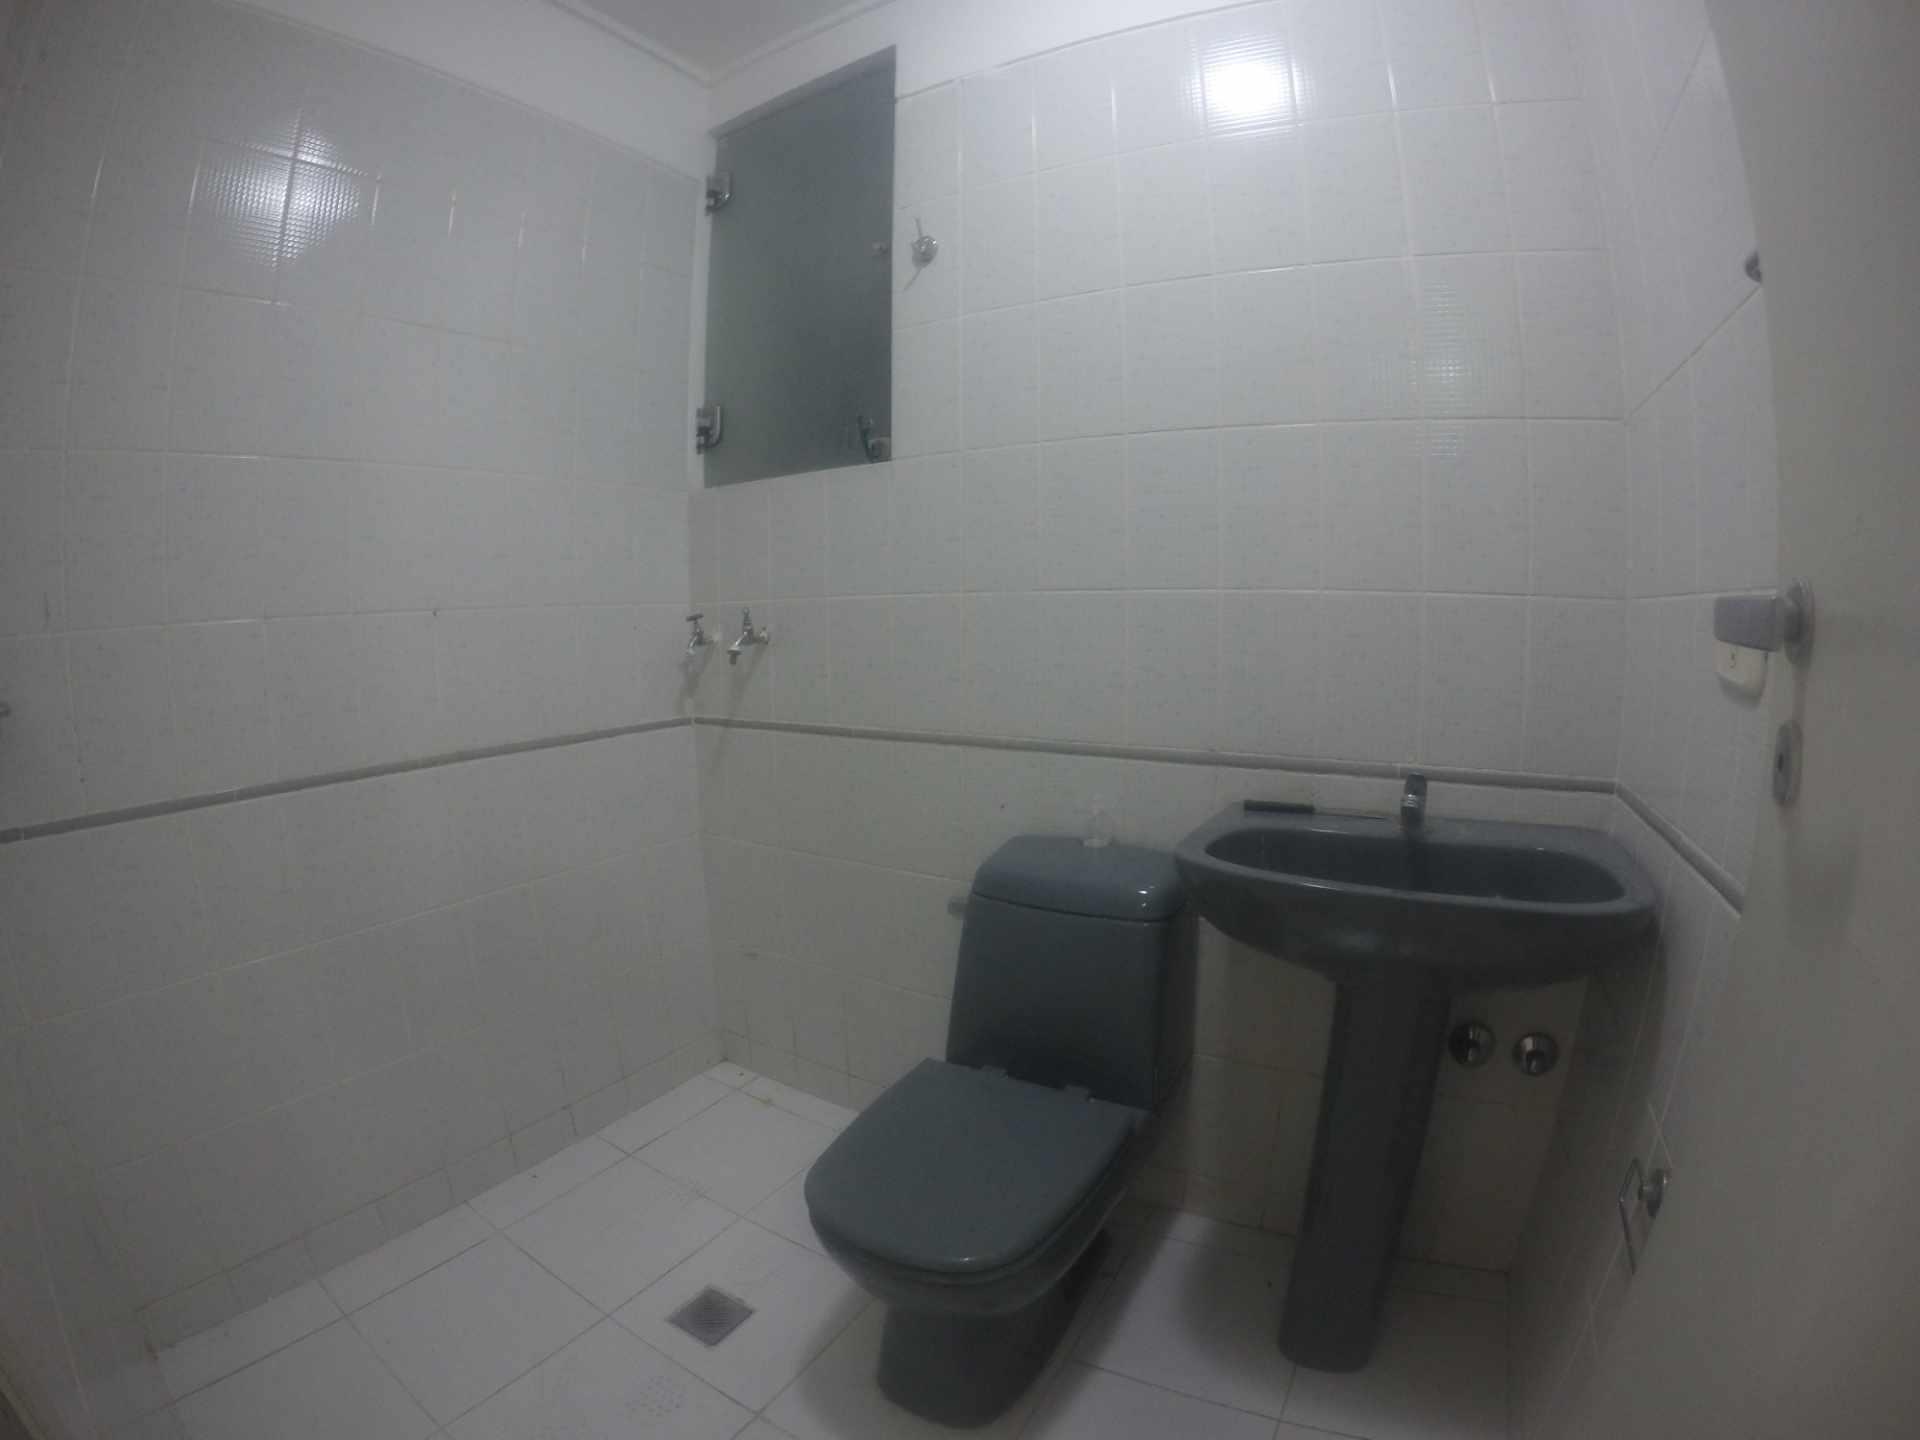 Departamento en Venta Condominio San Antonio [Av. Banzer 2do. y 3er. Anillo], De ocasión vendo departamento de 2 dormitorios sin parqueo. [69.000$us.] Foto 5